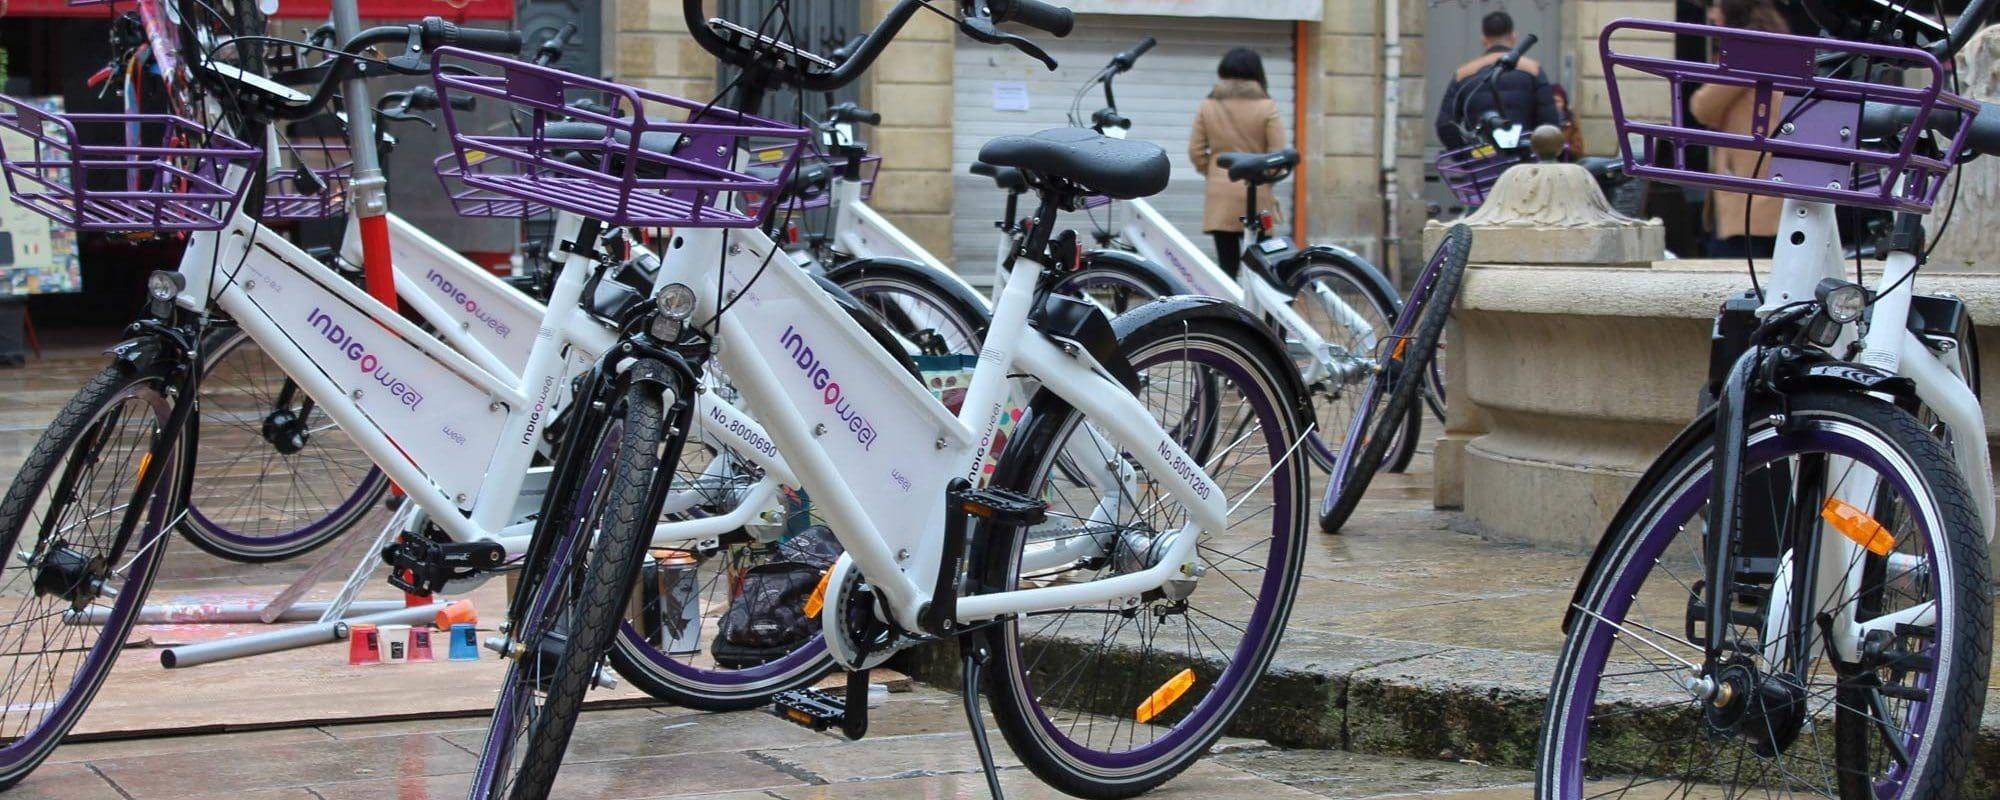 Strasbourg réglemente l'espace public en cas d'arrivée de «vélos-papillons»